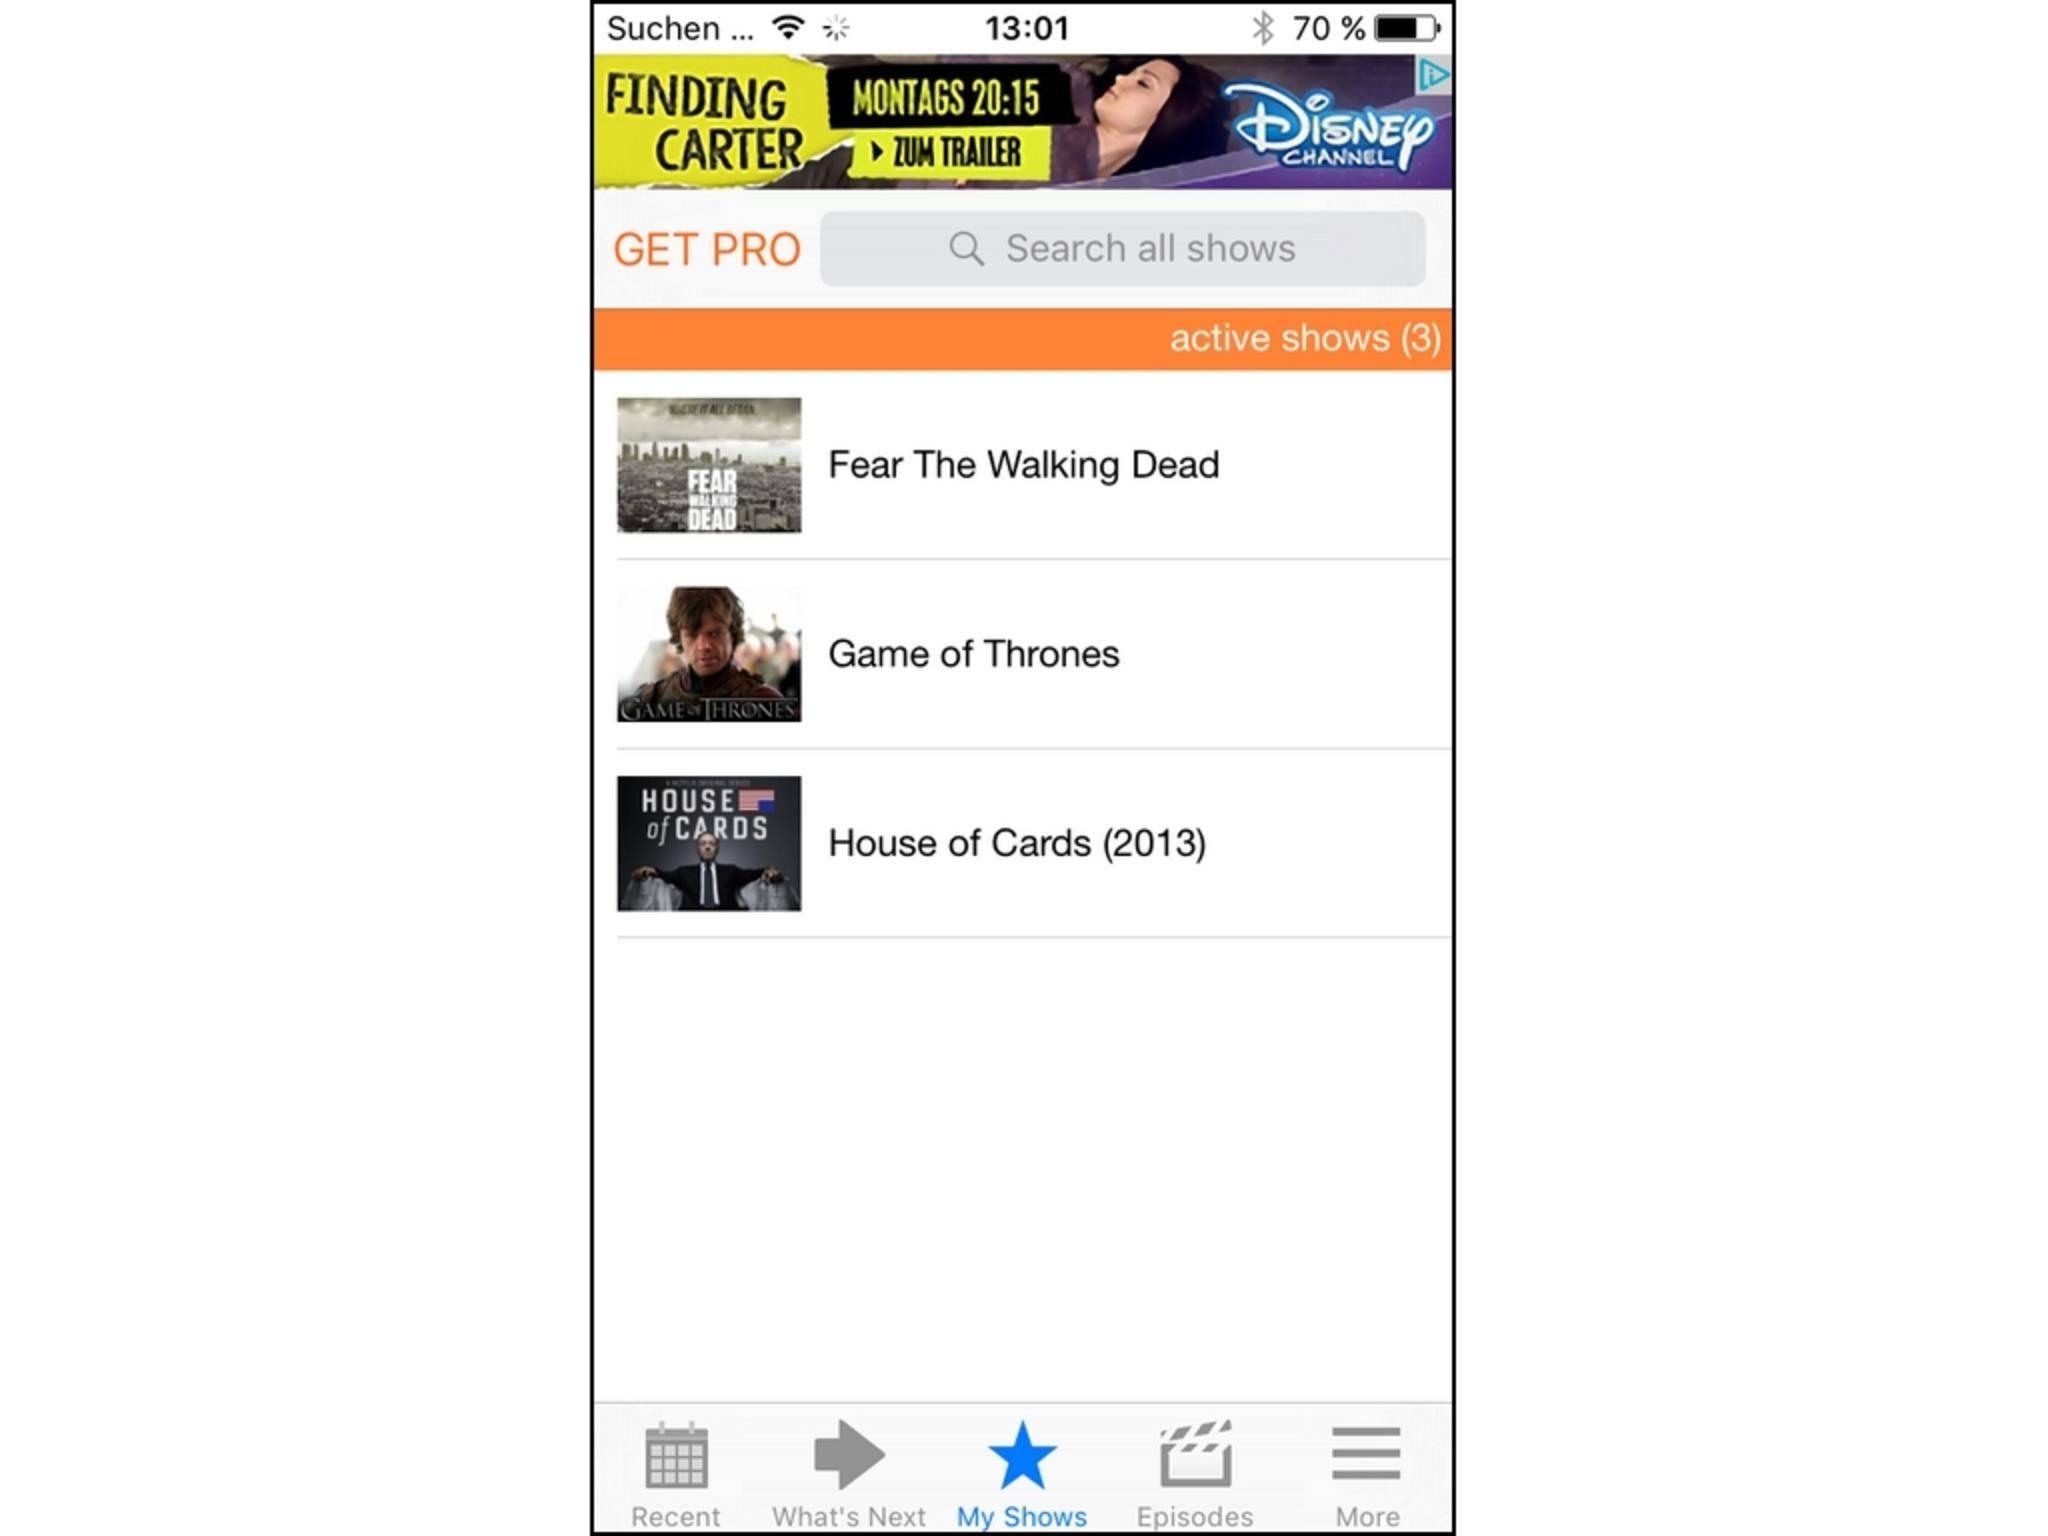 Next Episode ist eine rein englischsprachige App für das iPhone.